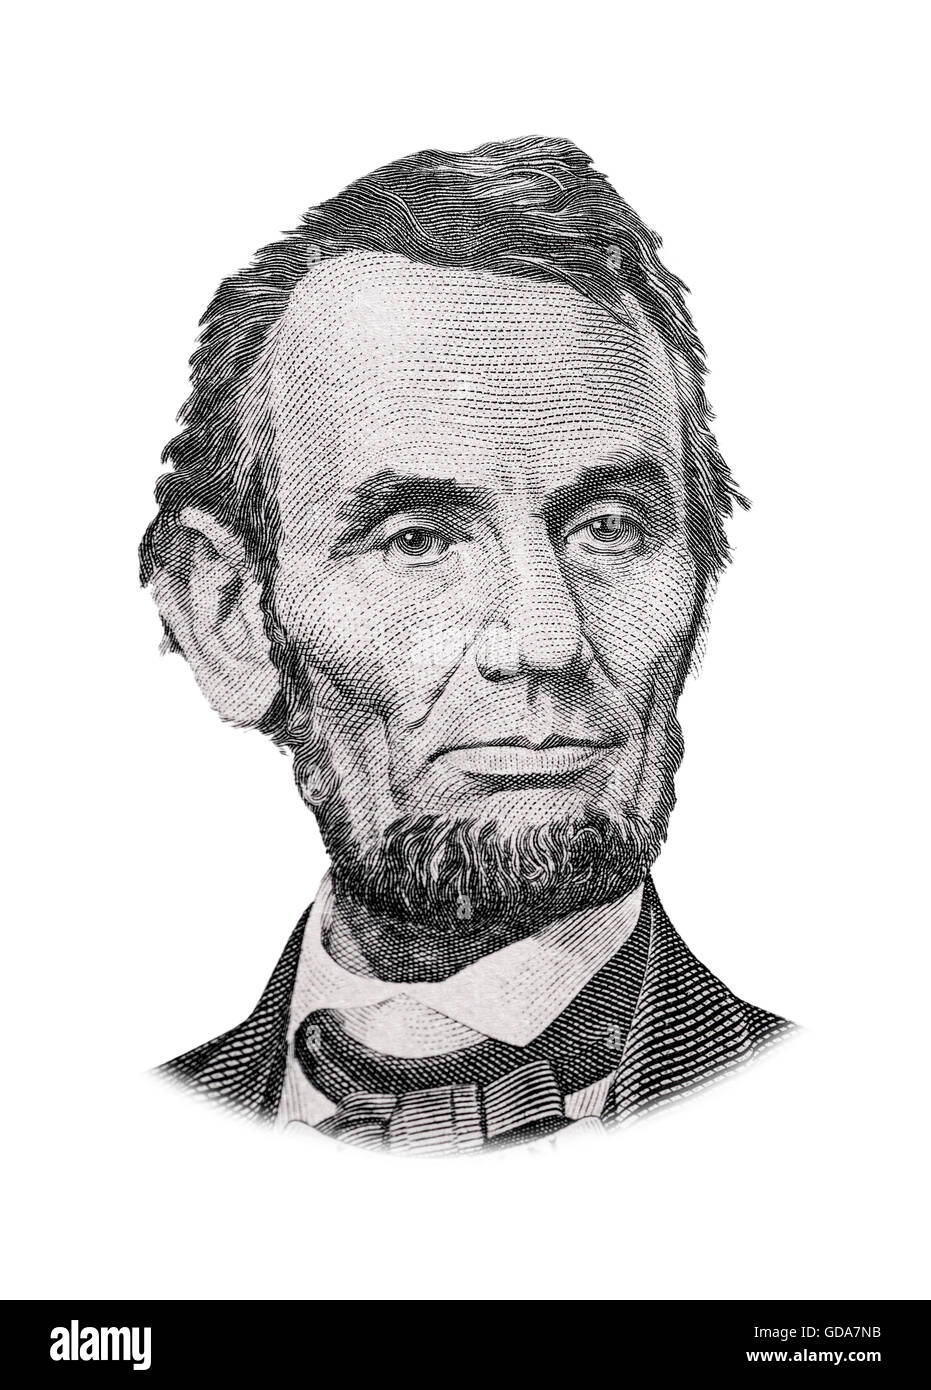 Graustufen Zeichnung von US-Präsident Abraham Lincoln Stockbild